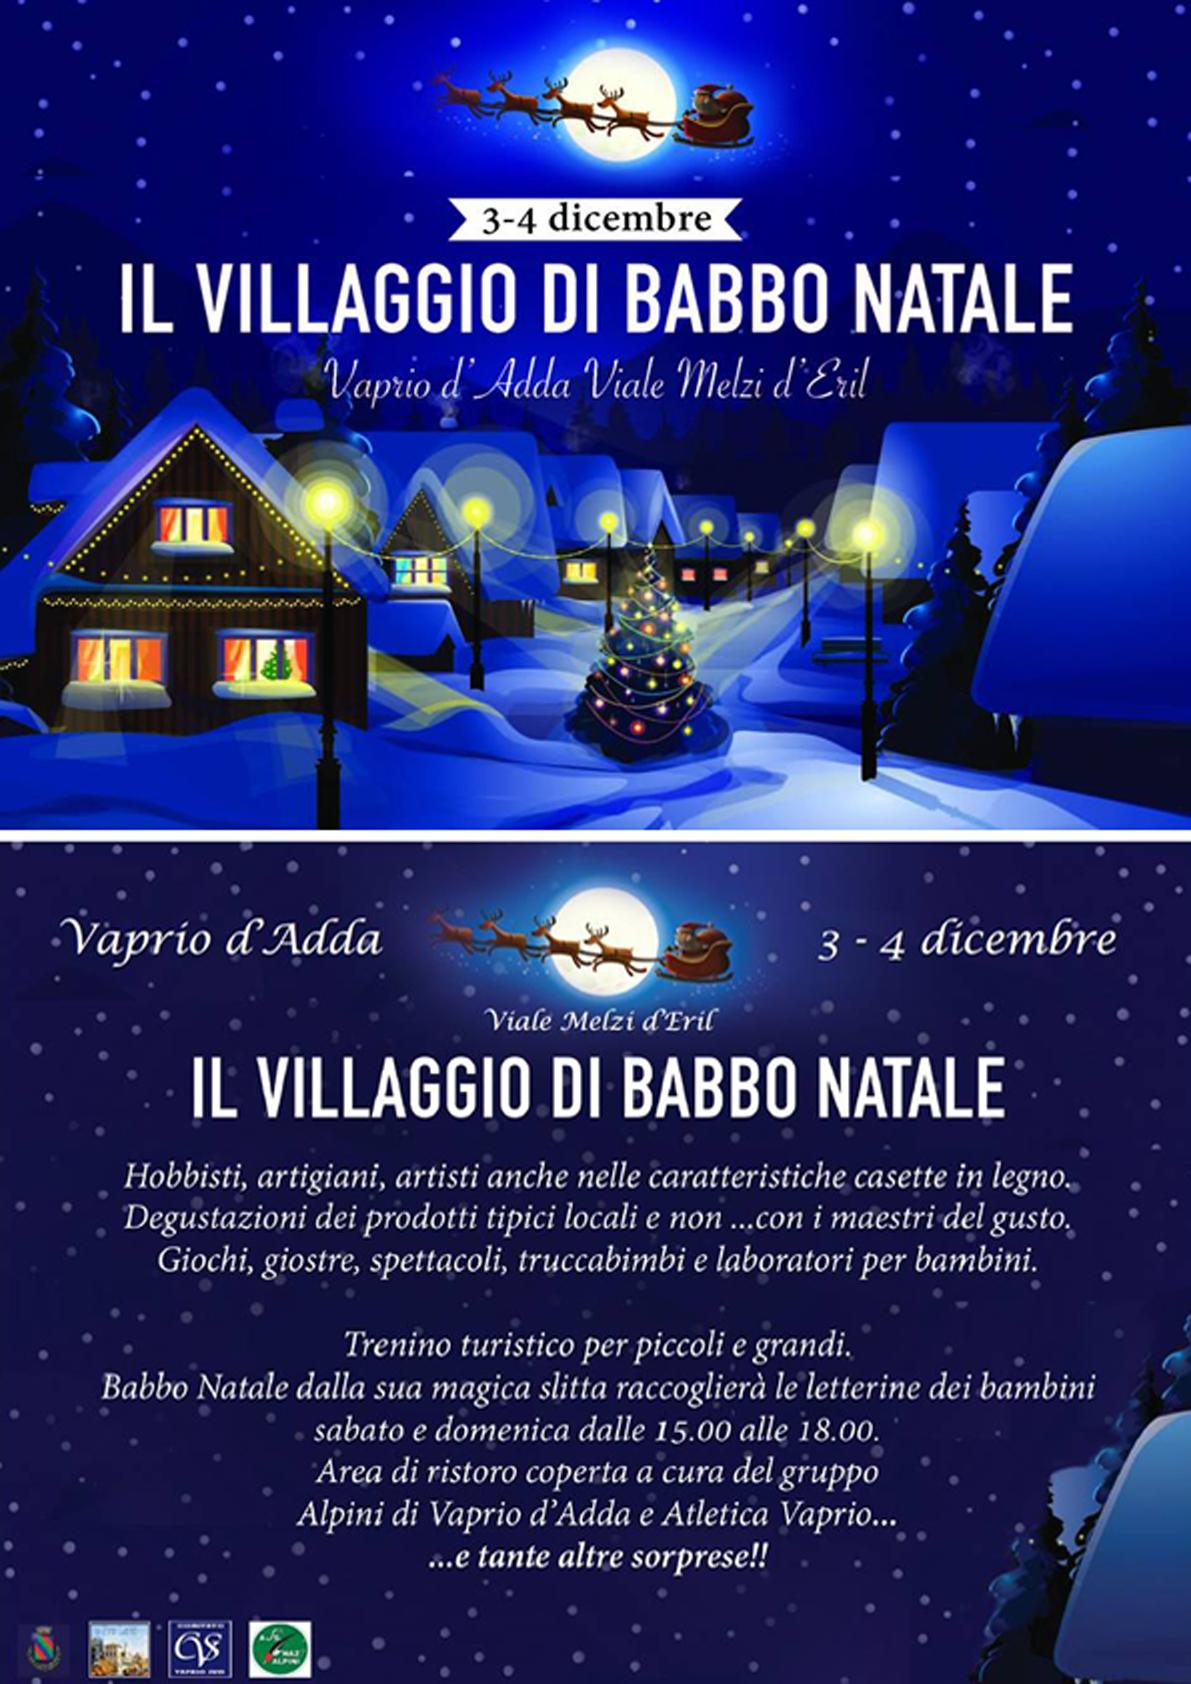 Immagini Del Villaggio Di Babbo Natale.Il Villaggio Di Babbo Natale La Pro Loco Vaprio